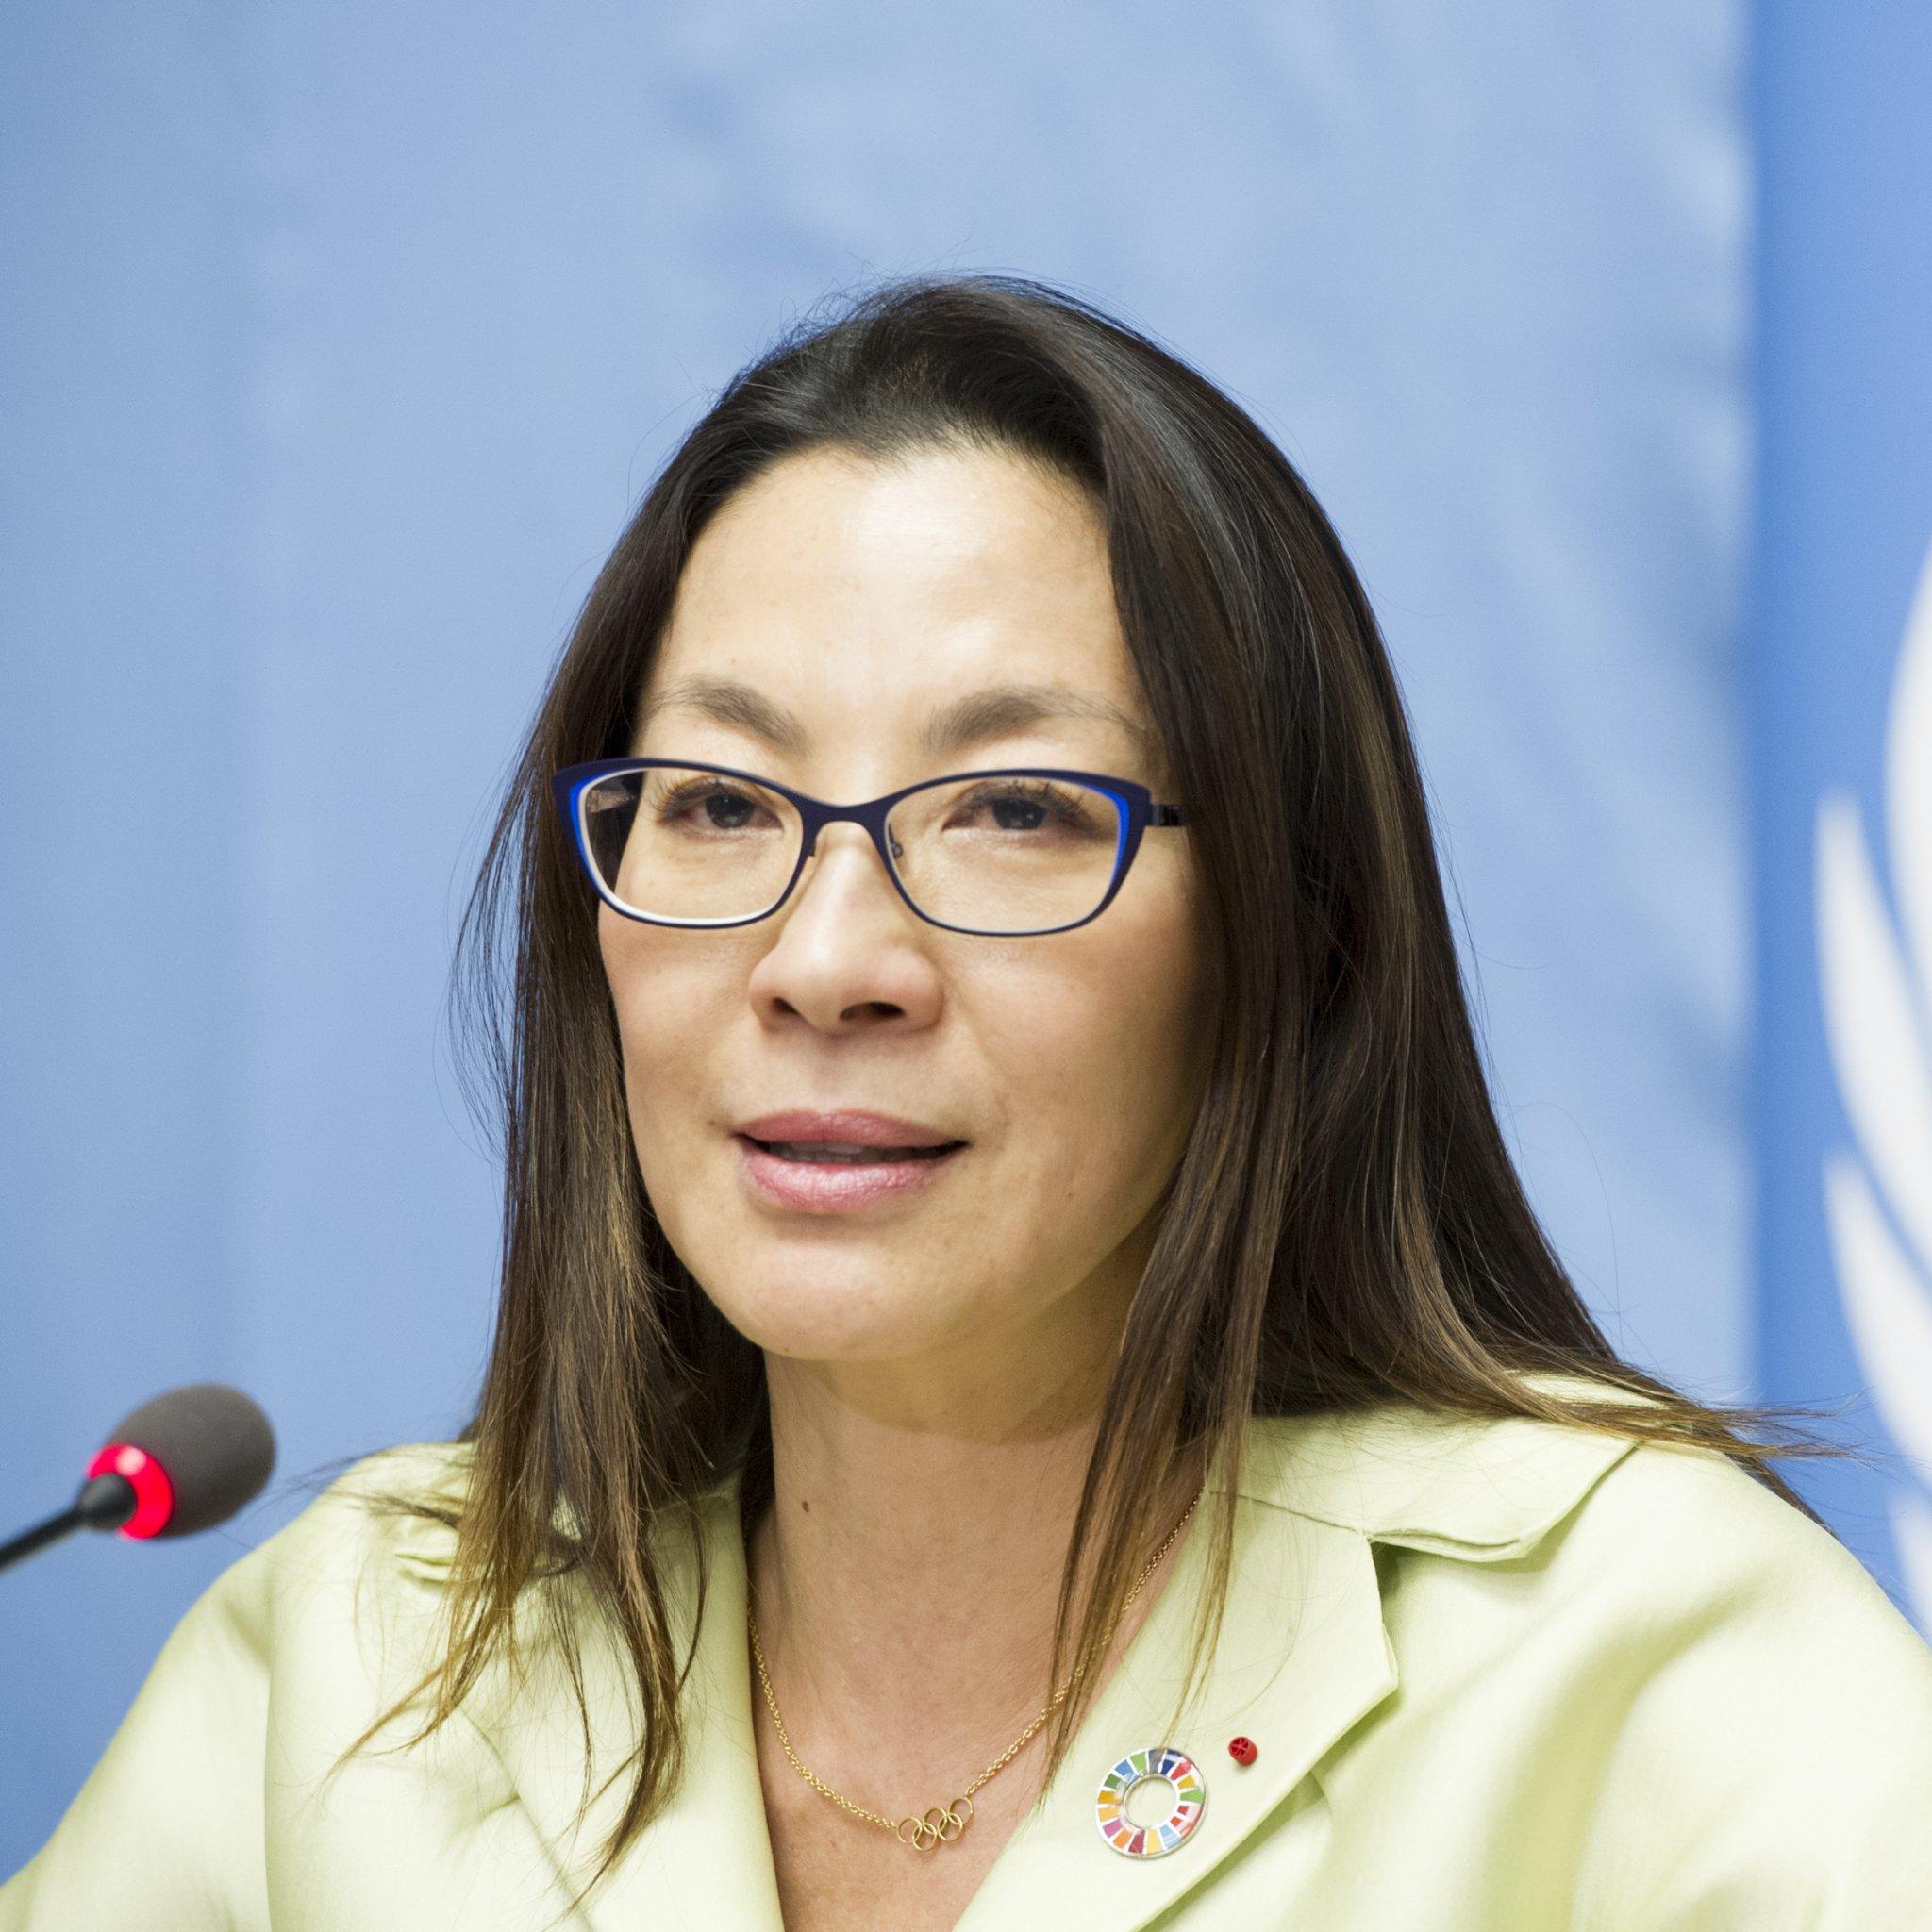 Photo of Michelle Yaoh, UNDP Goodwill Ambassador